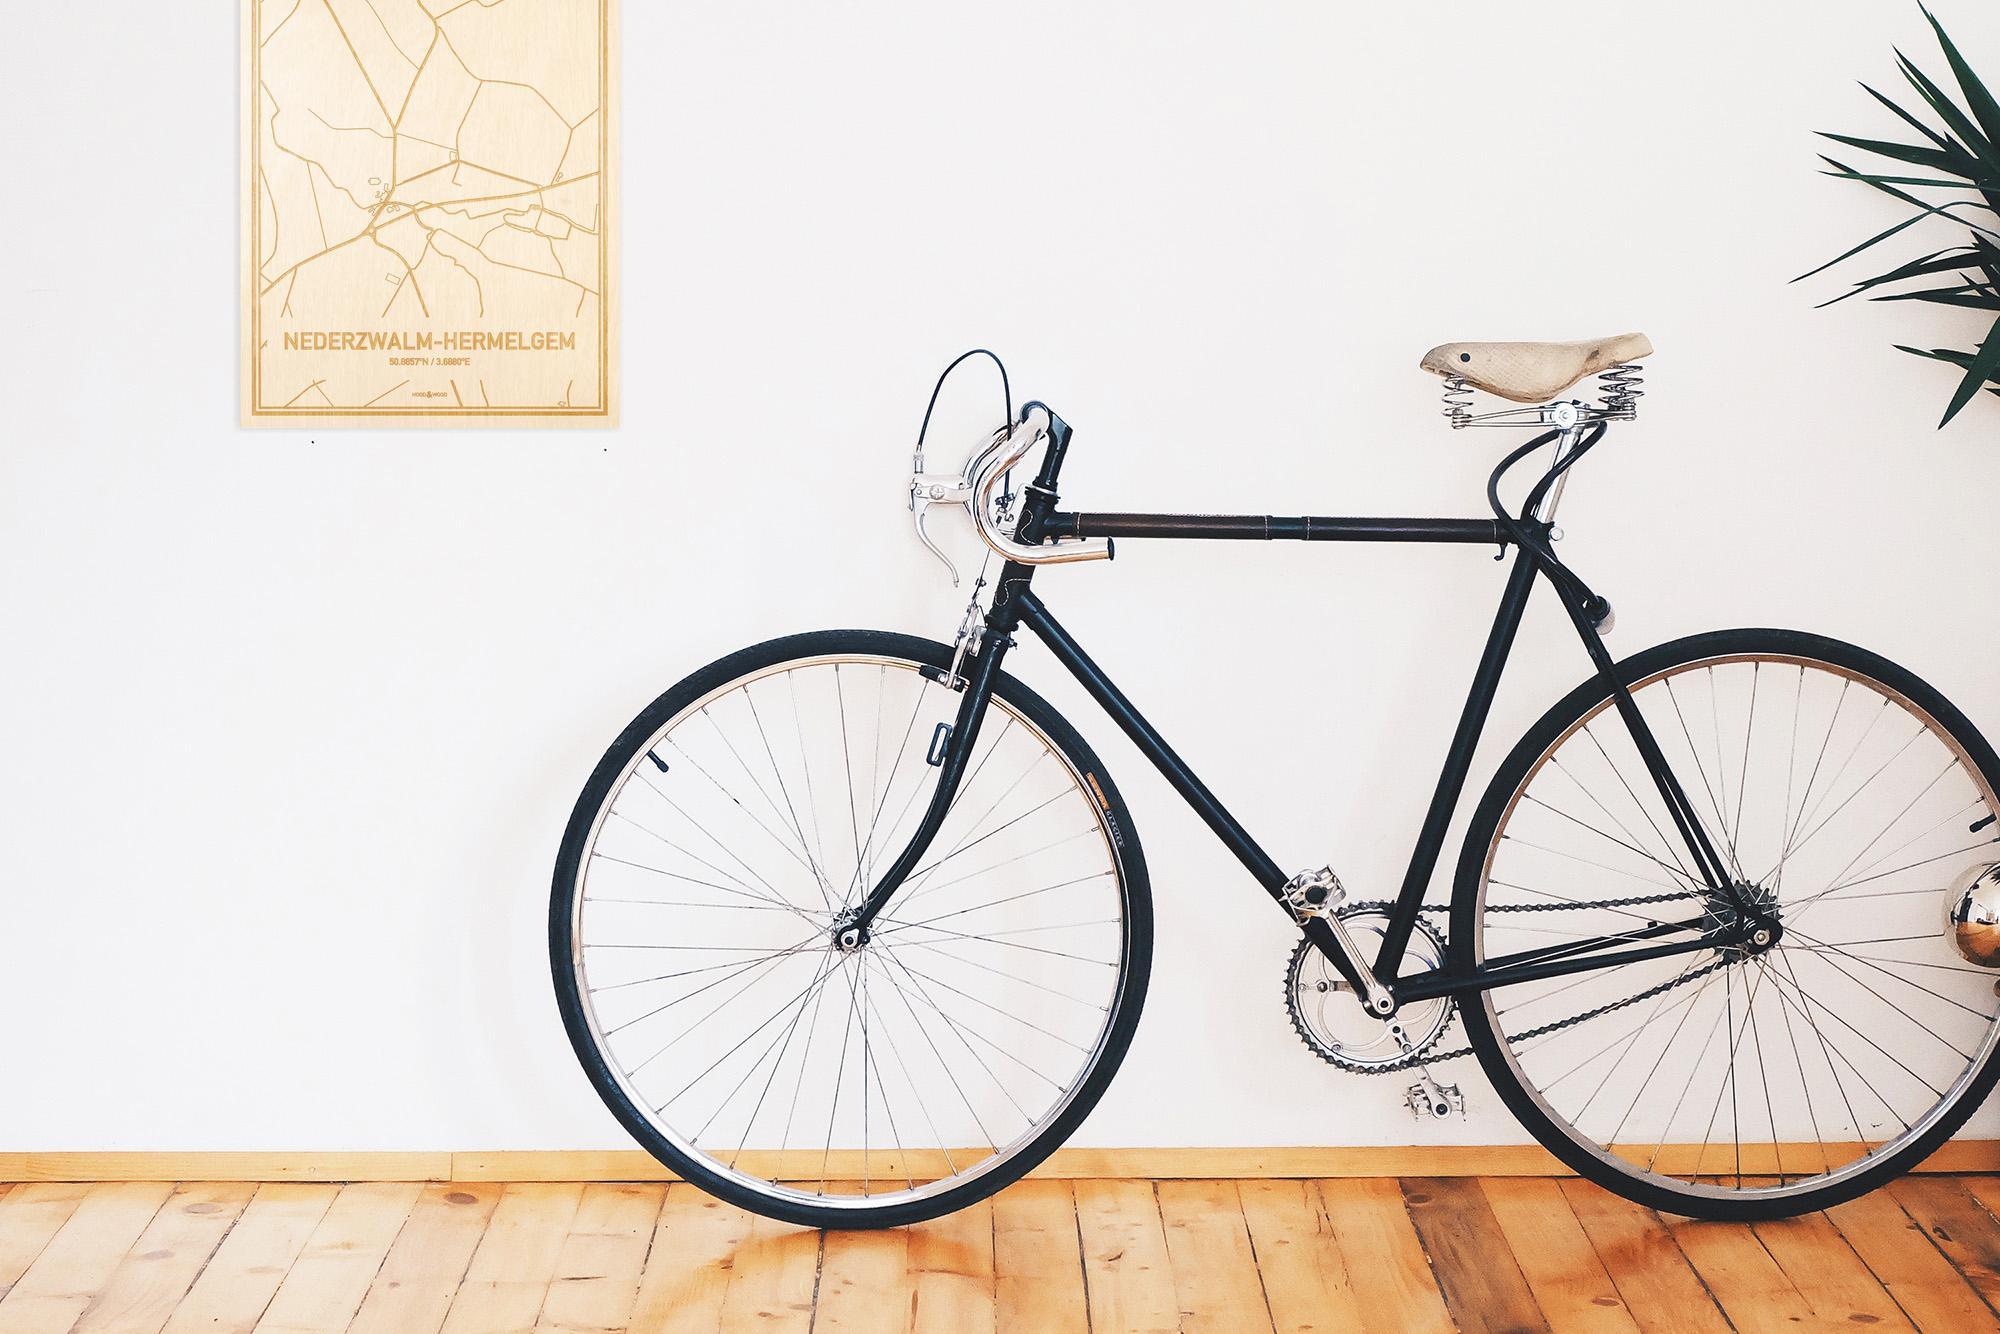 Een snelle fiets in een uniek interieur in Oost-Vlaanderen  met mooie decoratie zoals de plattegrond Nederzwalm-Hermelgem.